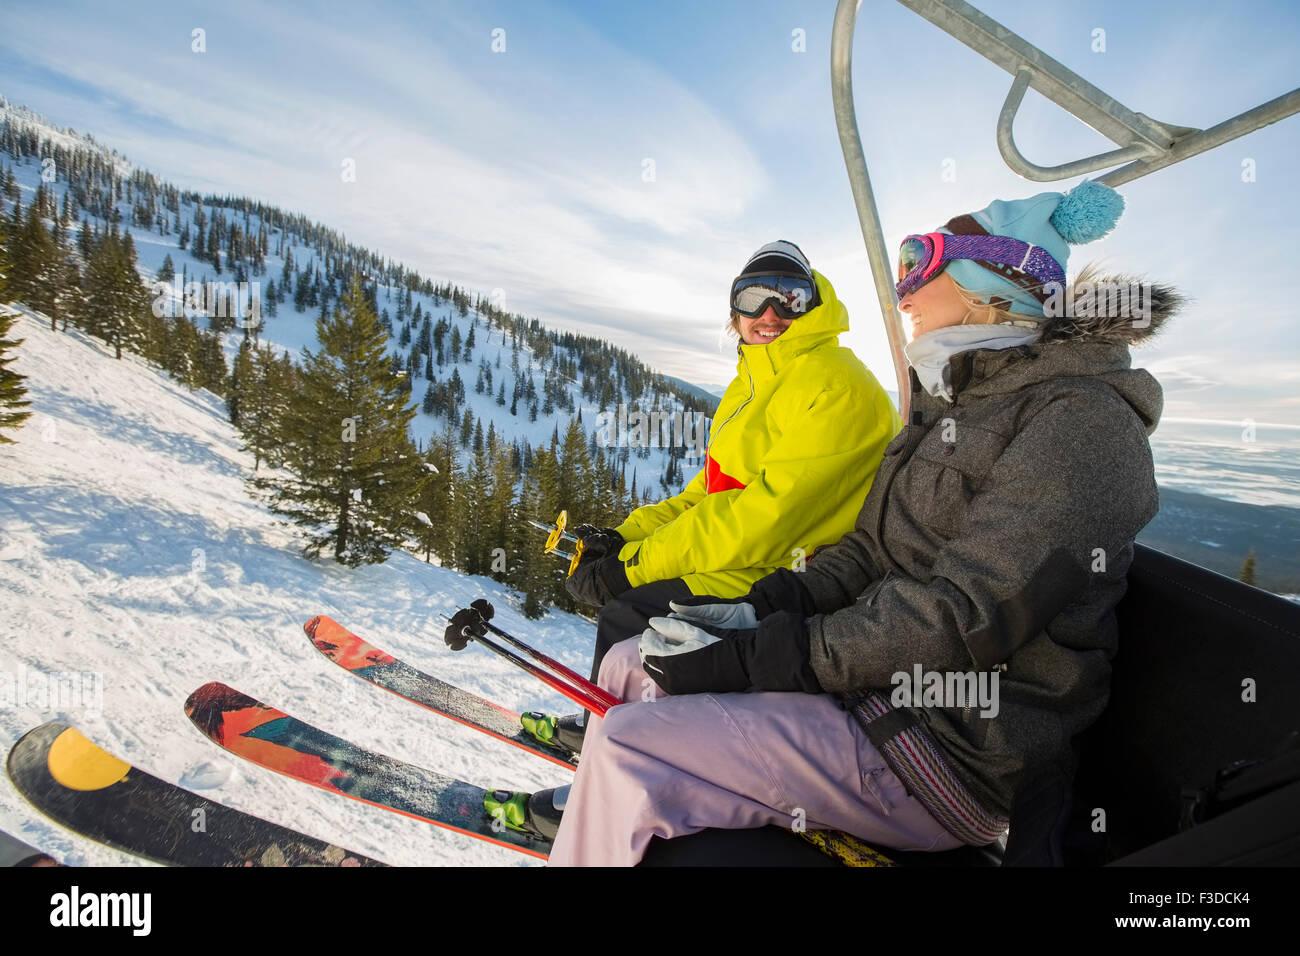 Pareja en skiwear sentado en ski lift Imagen De Stock